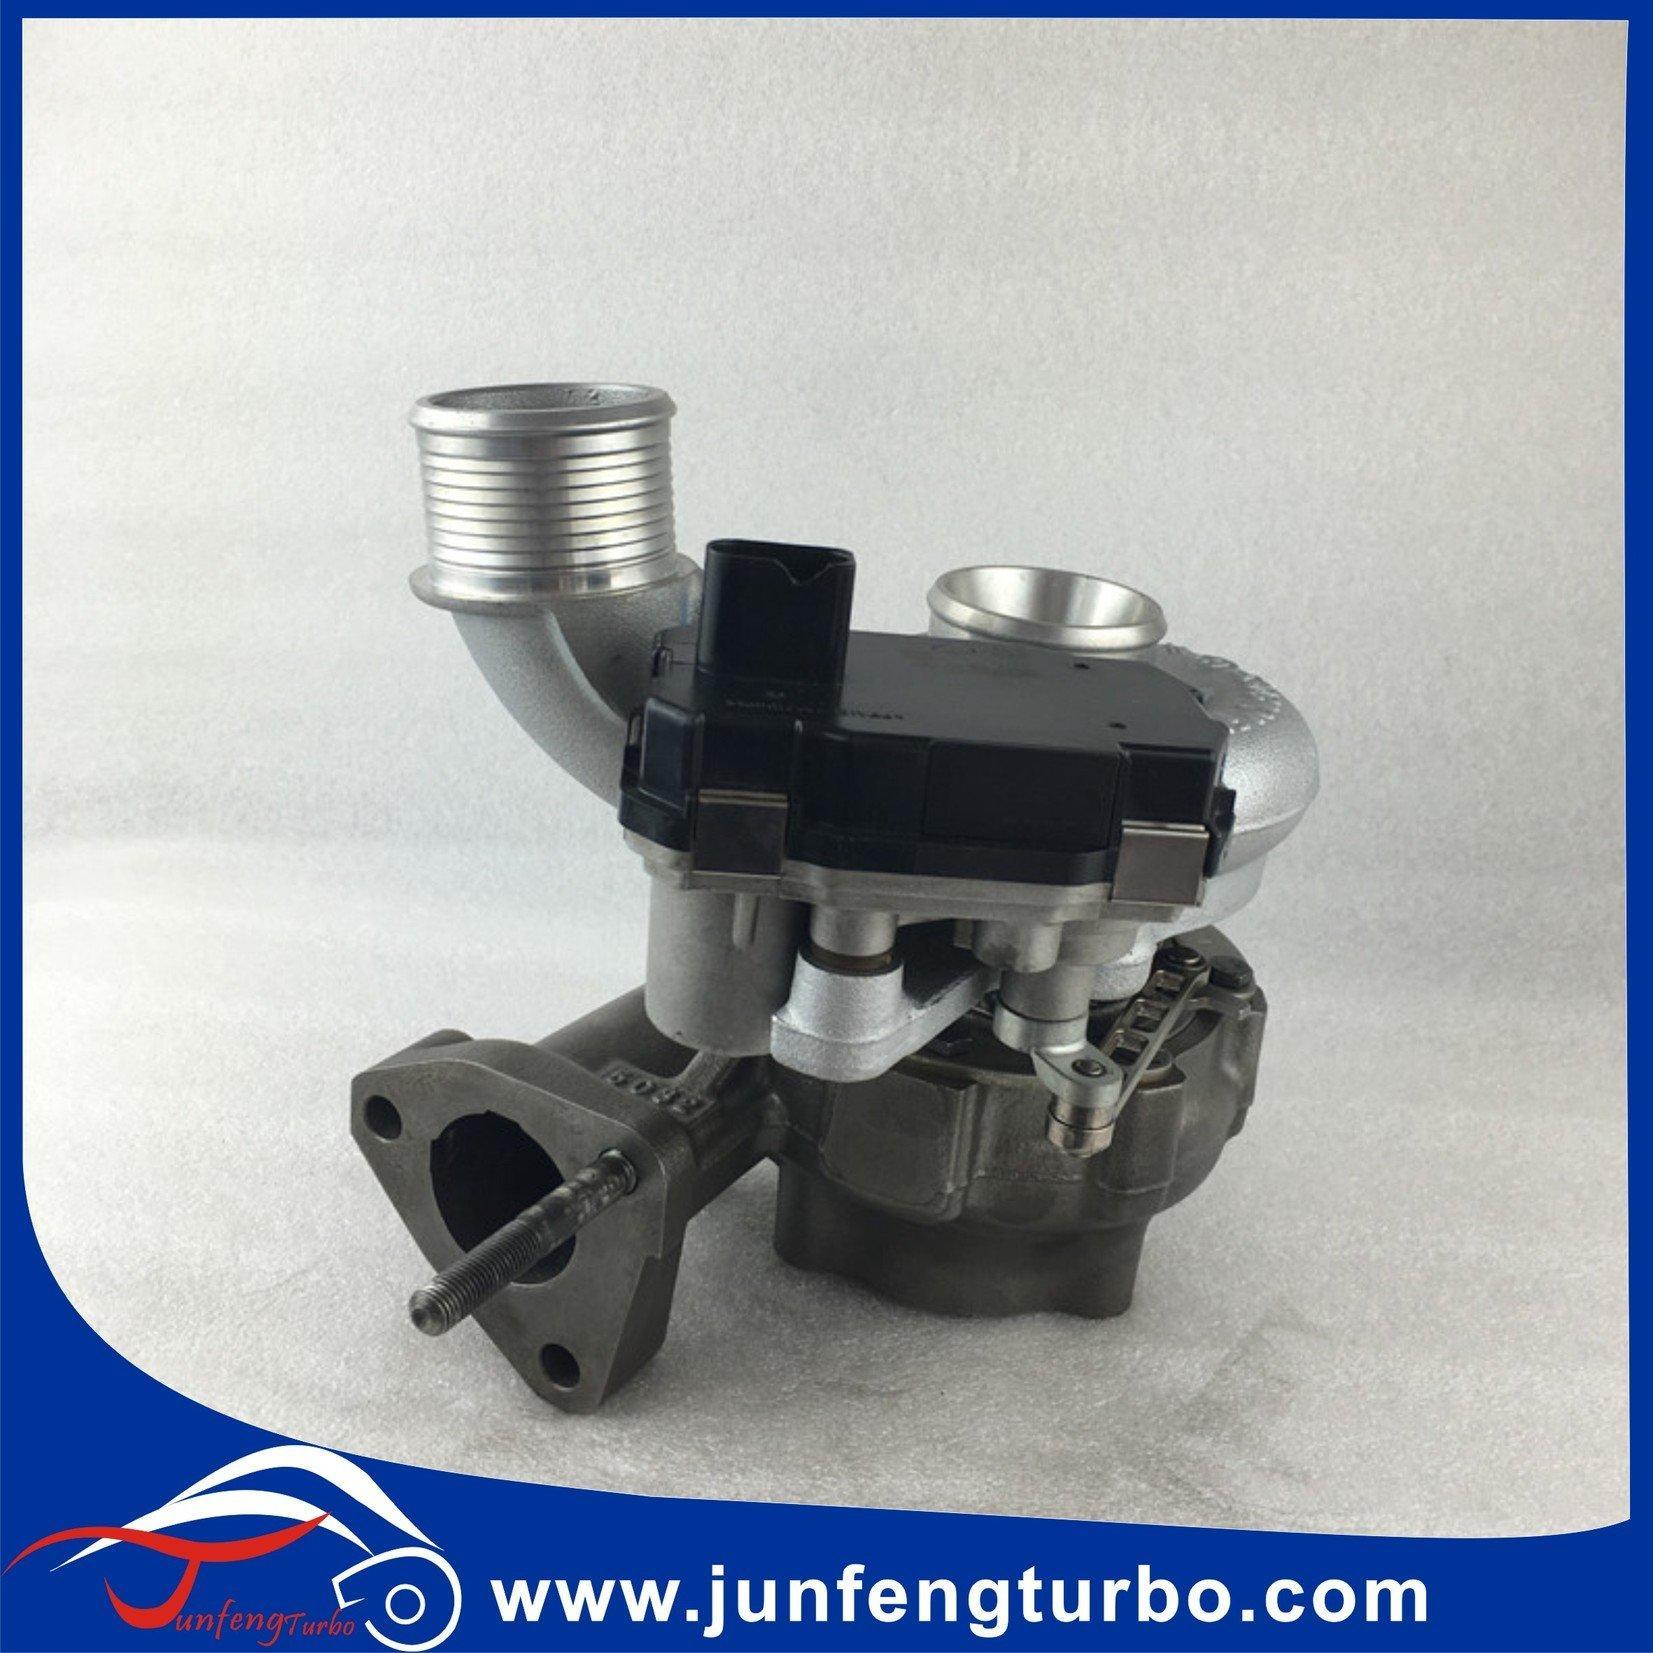 BV43 Kia turbo 53039880430 turbo D4HB 282312F650 28231-2F650 53039700430